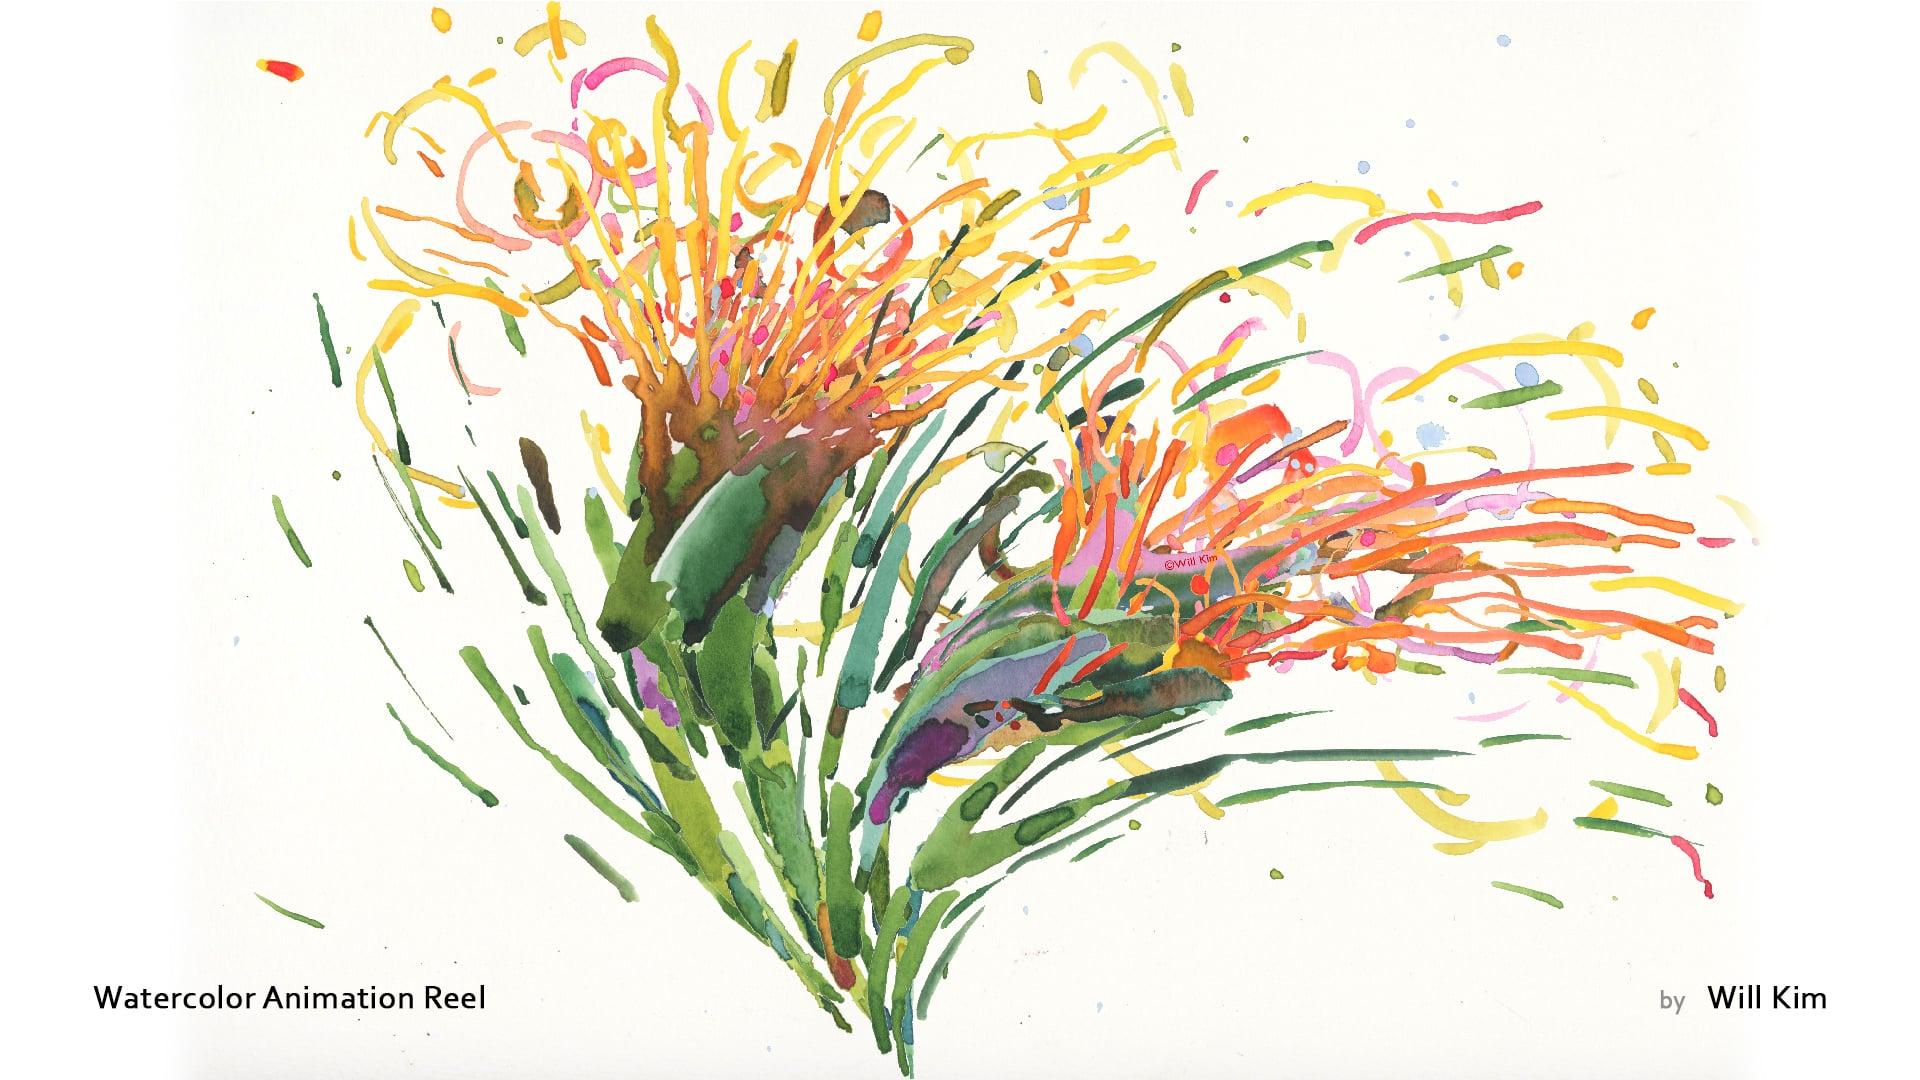 Watercolor Animation Reel